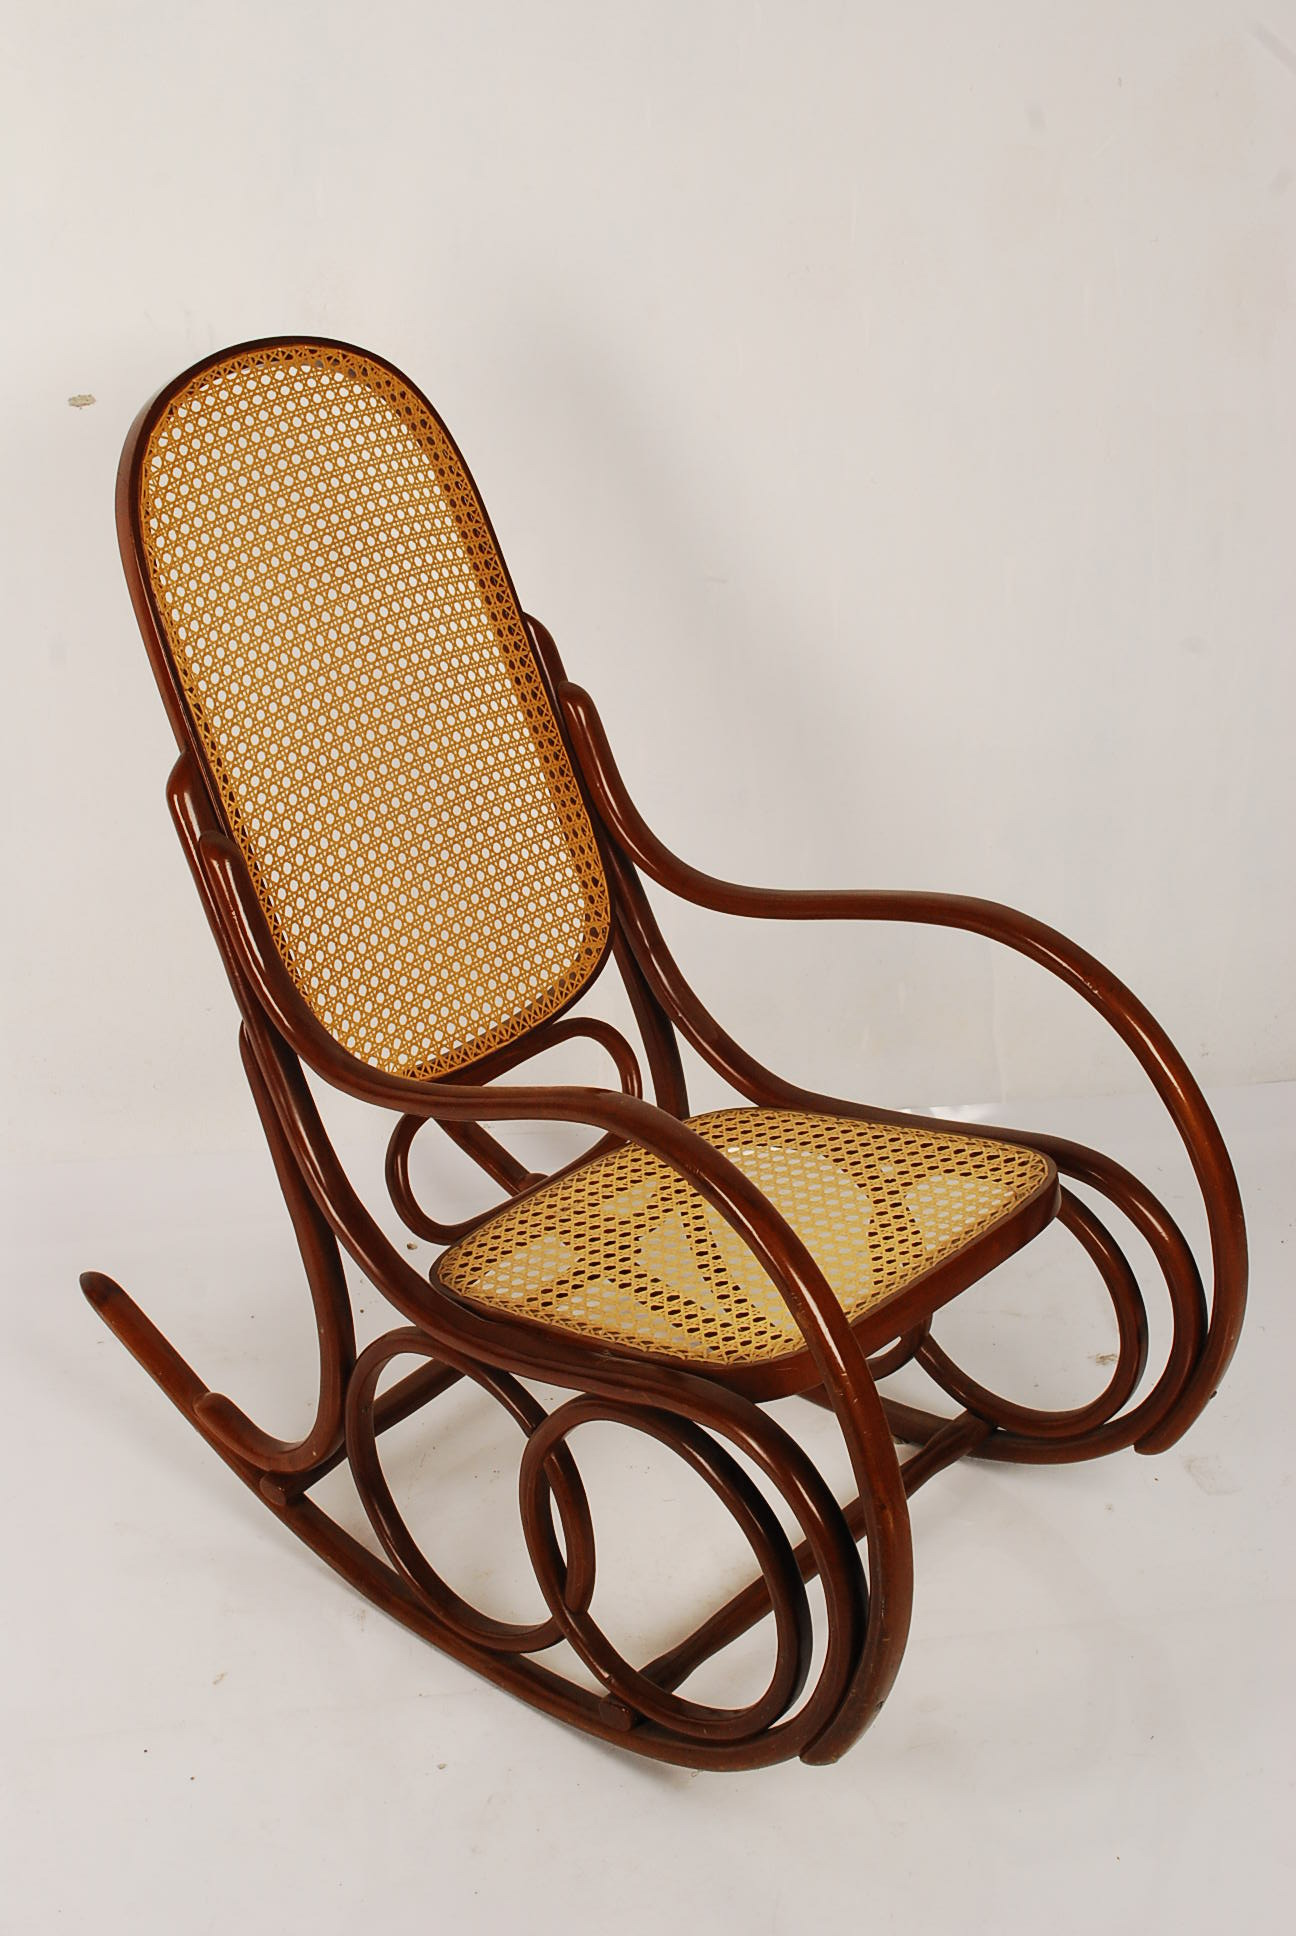 Cadeira de balanço Thonet Miniatura Miniaturizarte Elo7 #3B180C 1296x1936